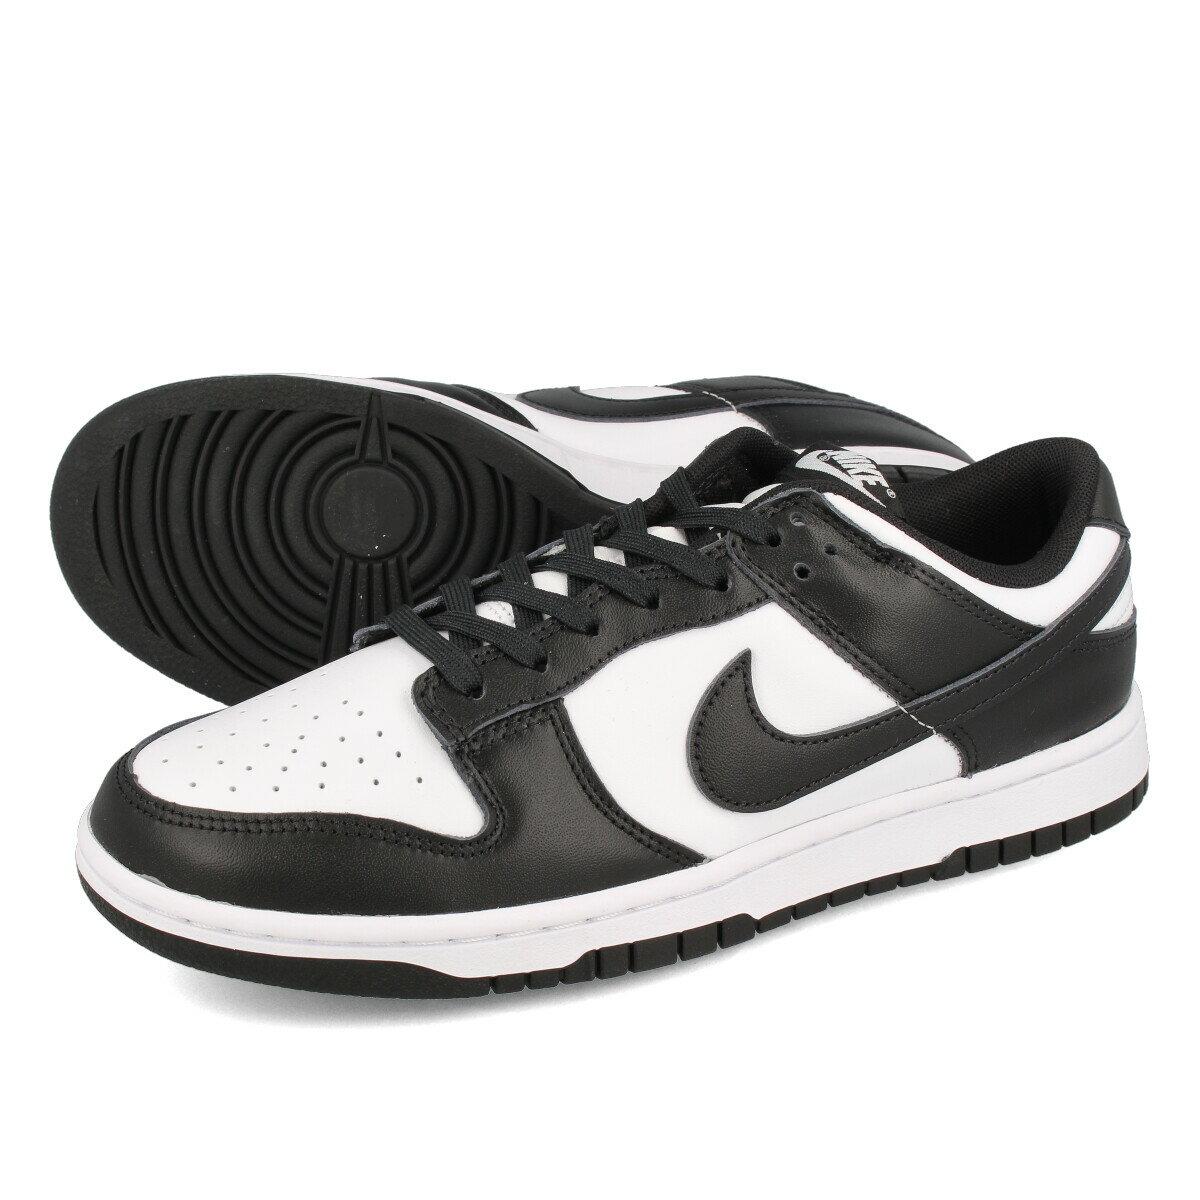 メンズ靴, スニーカー NIKE DUNK LOW RETRO WHITEBLACKWHITE dd1391-100